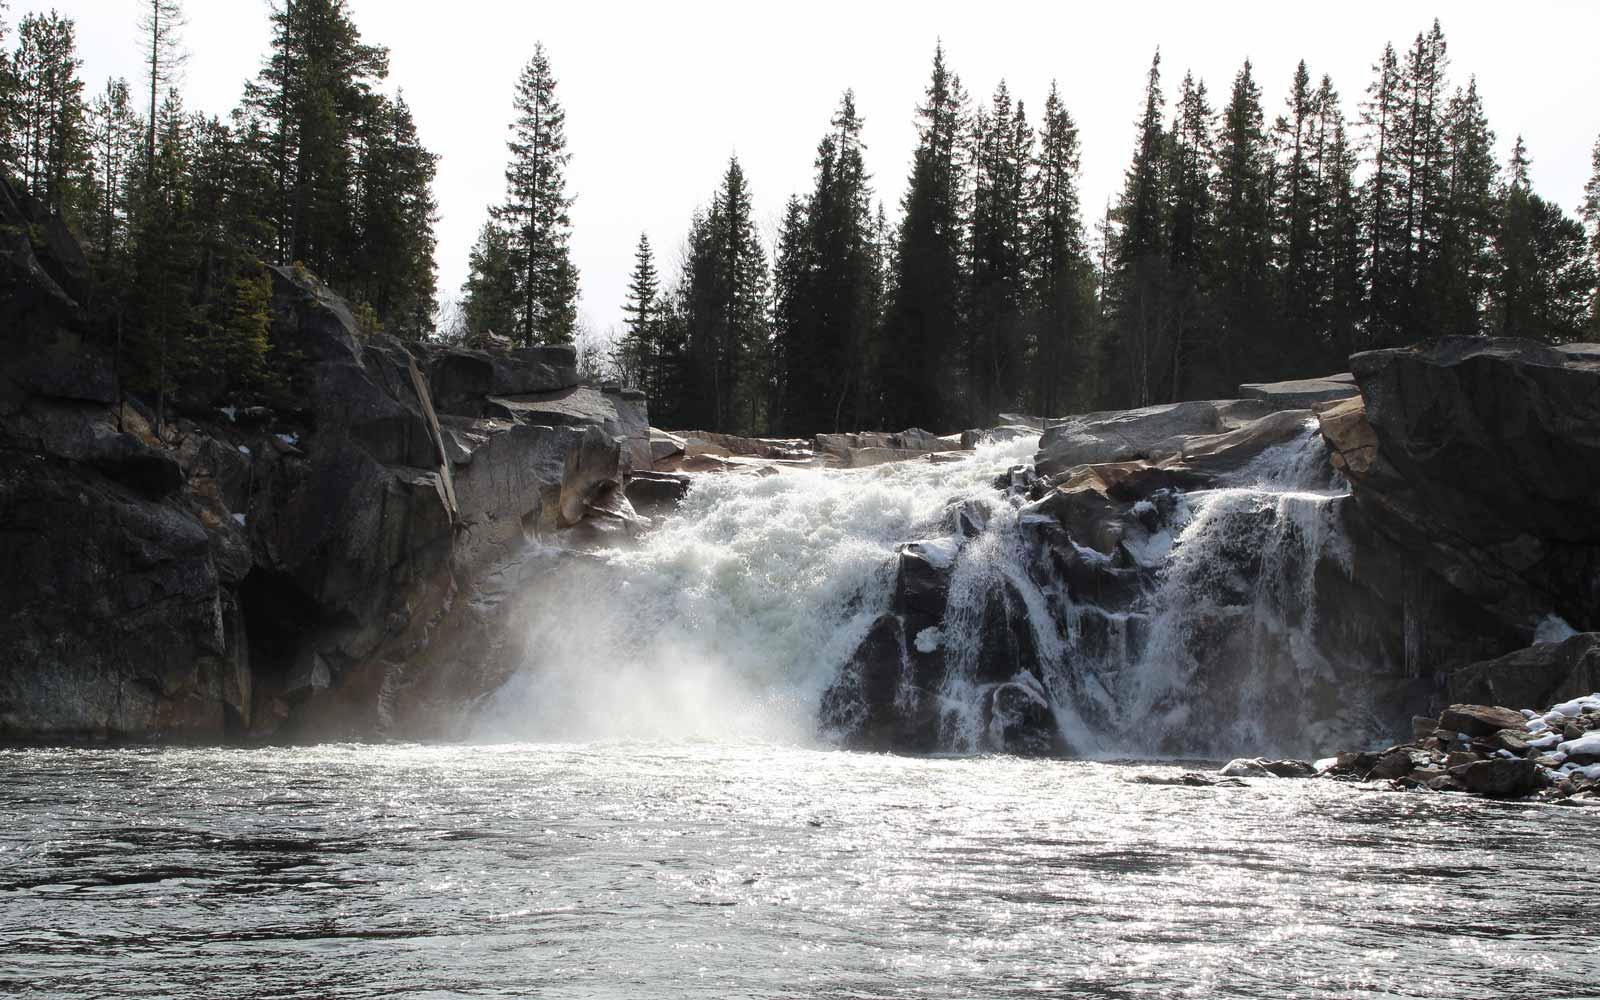 Wasserfall auf dem Weg nach Röros